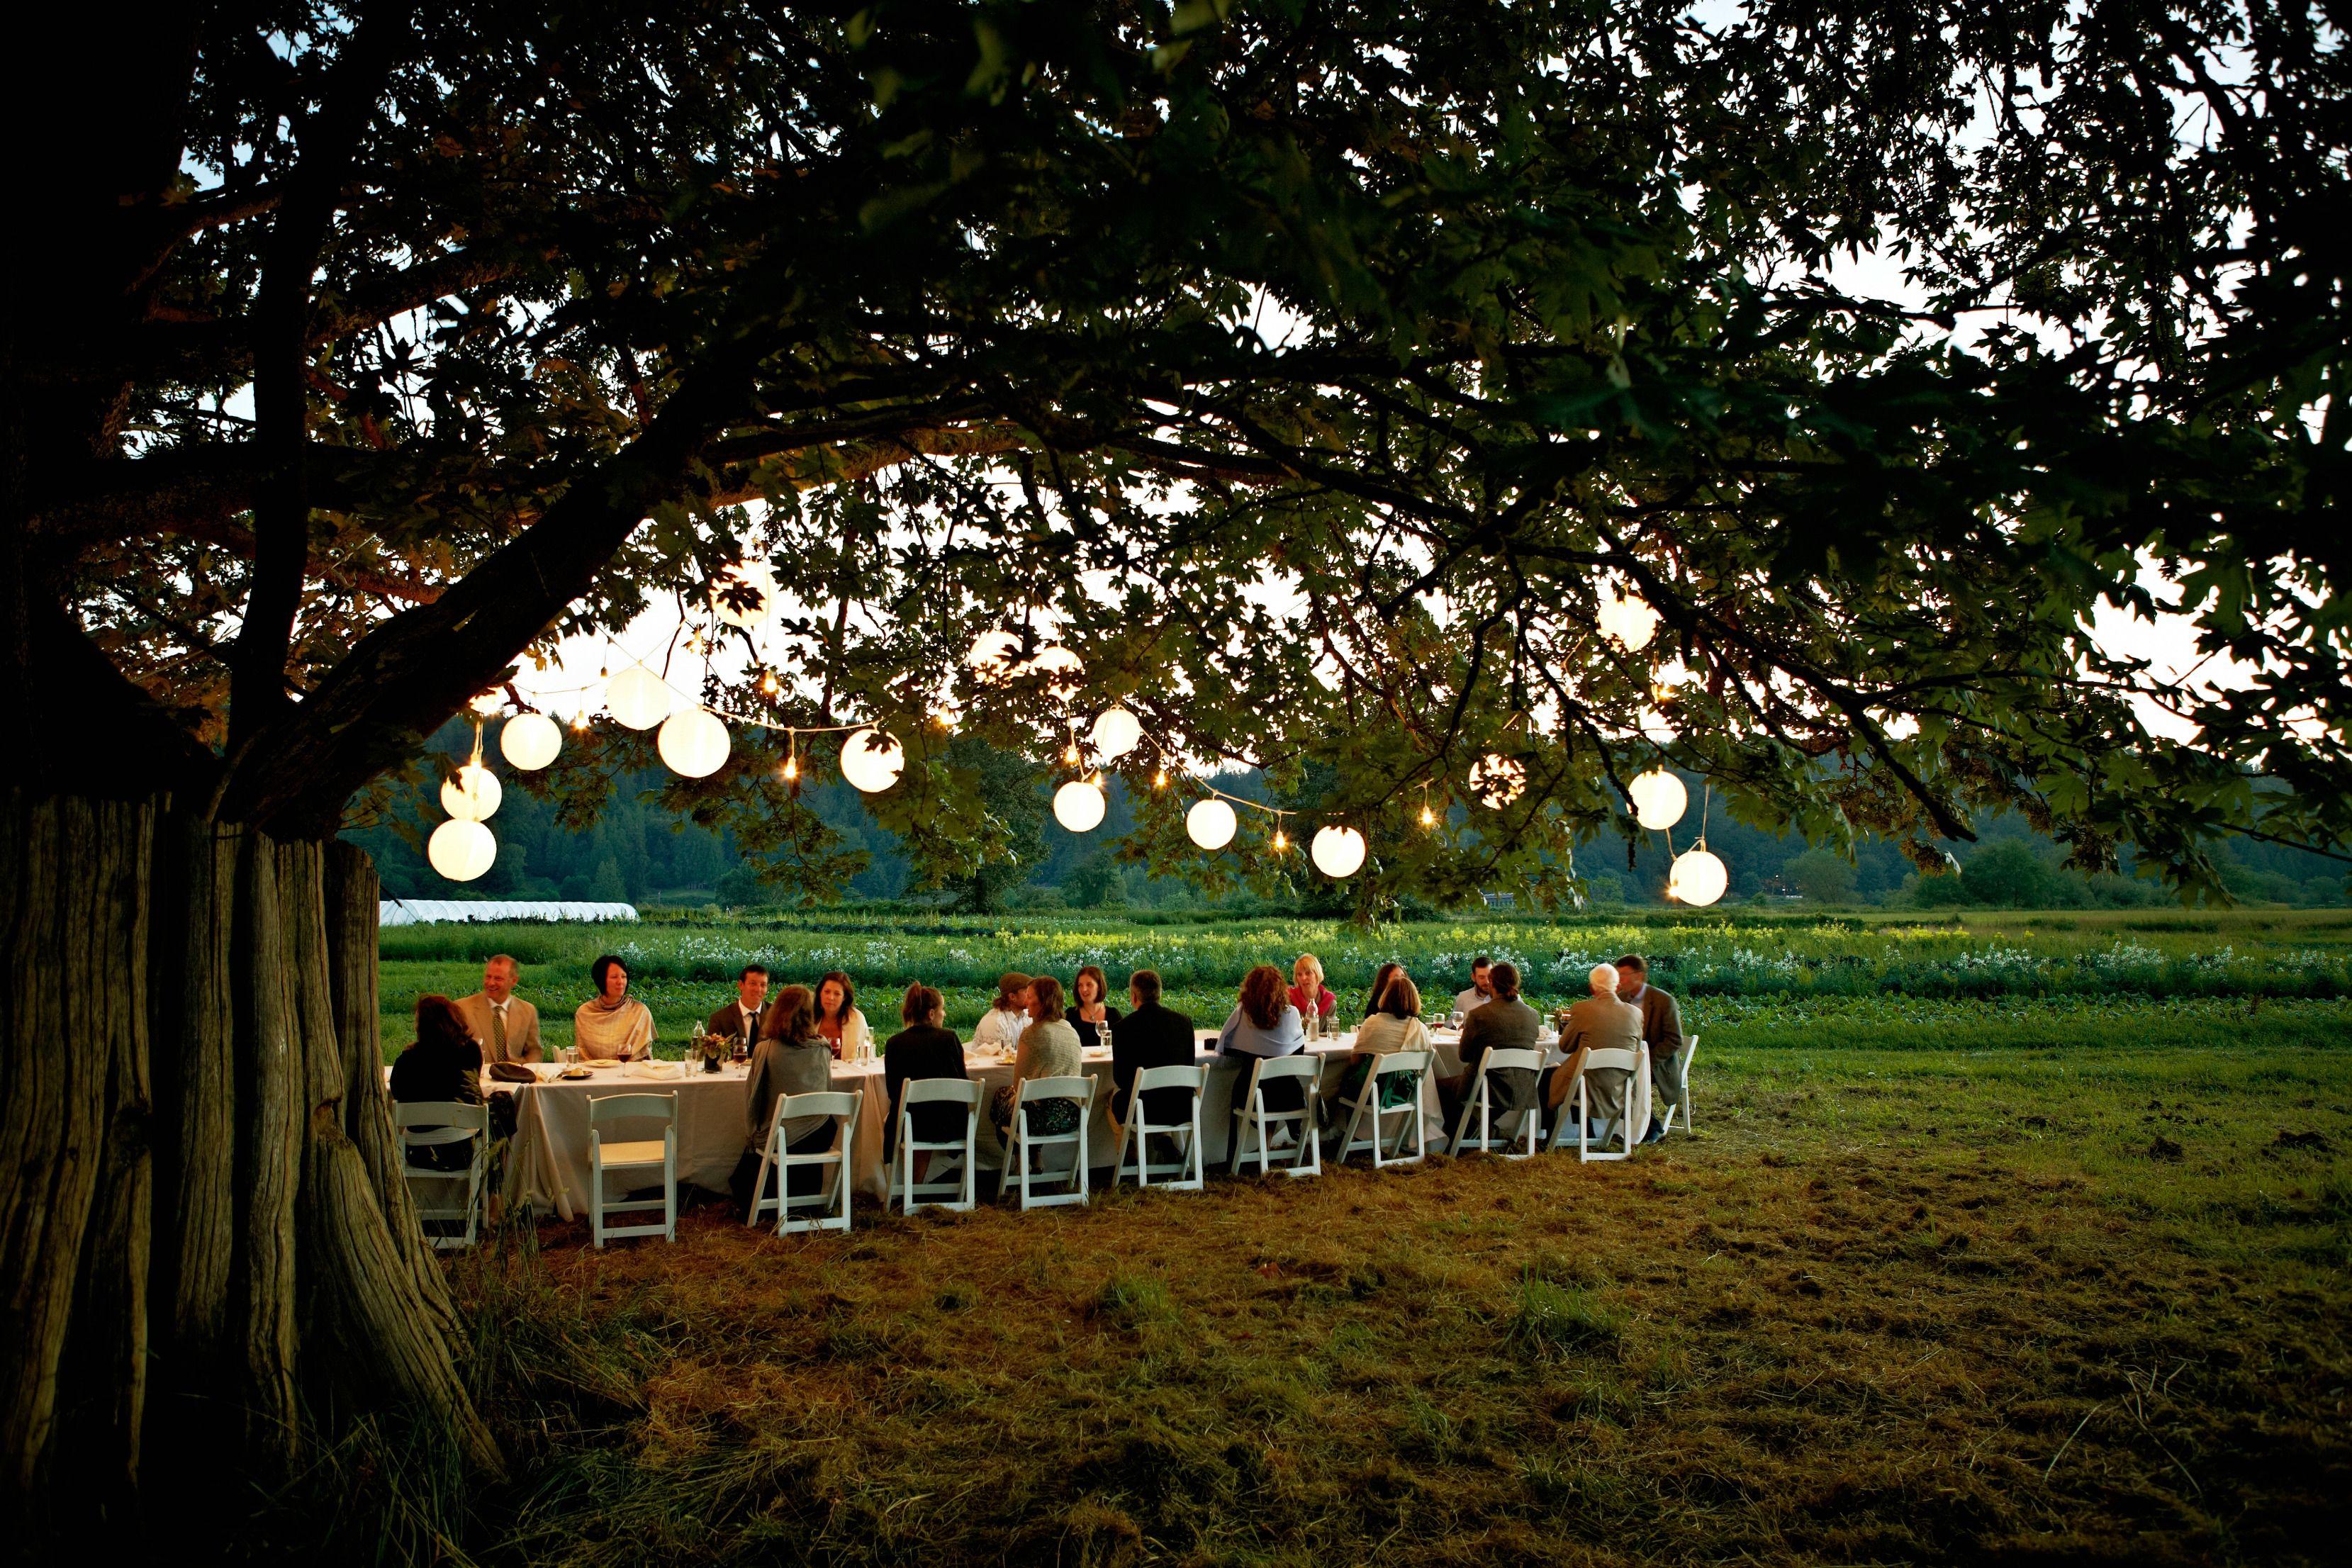 Una boda sorpresa puede celebrarse en cualquier convivio o celebración.